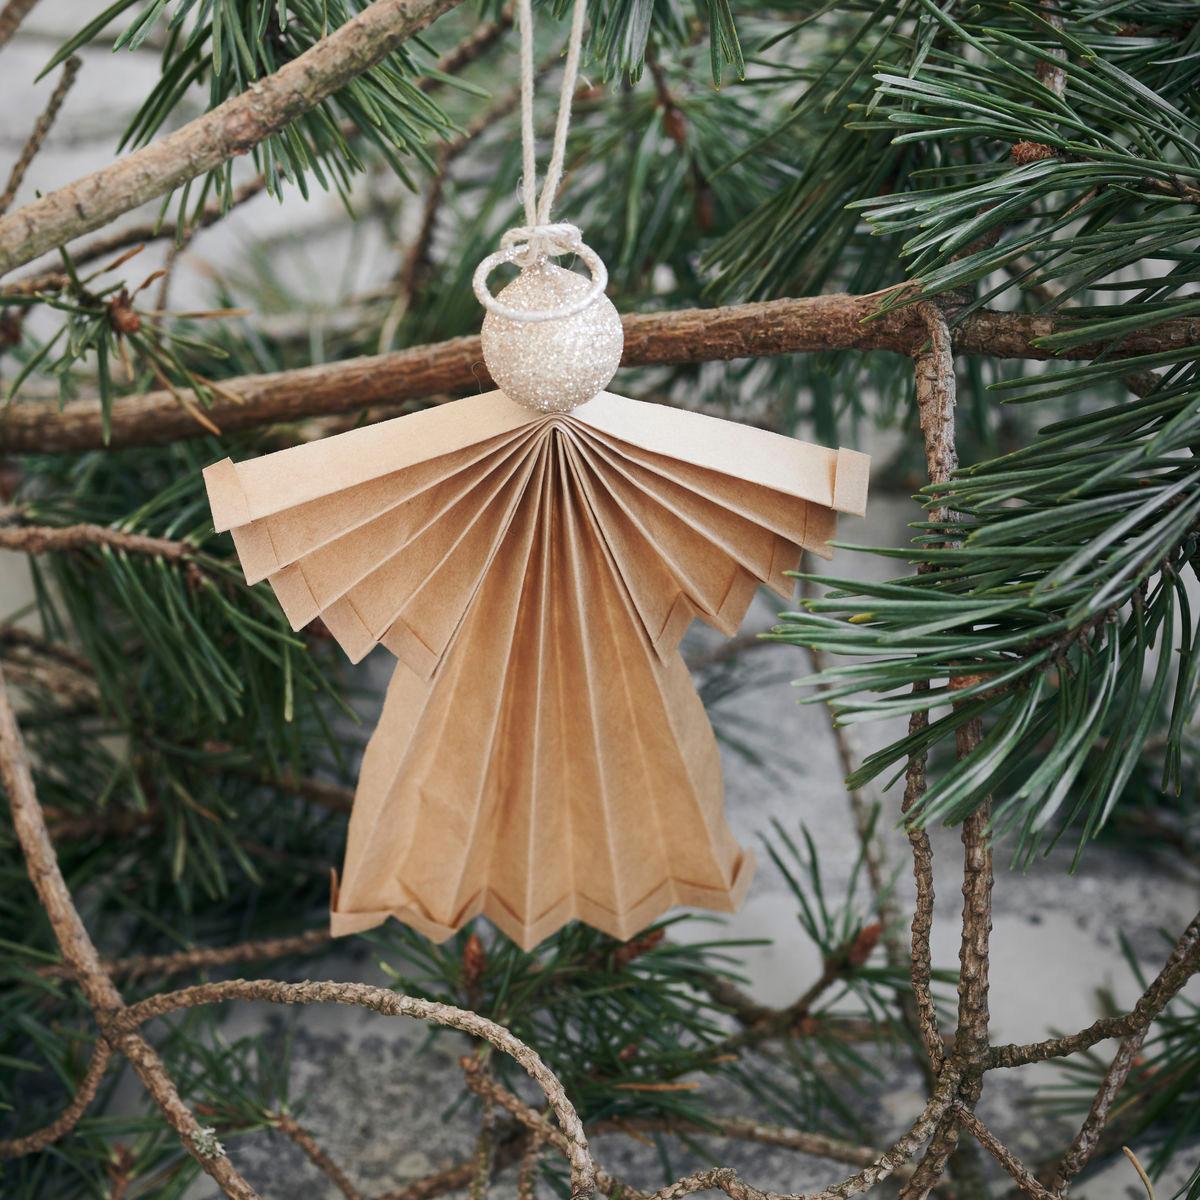 kerstengel-kerstengels in boom-papieren kerstversiering kerstdecoratie kerstengel voor in boom